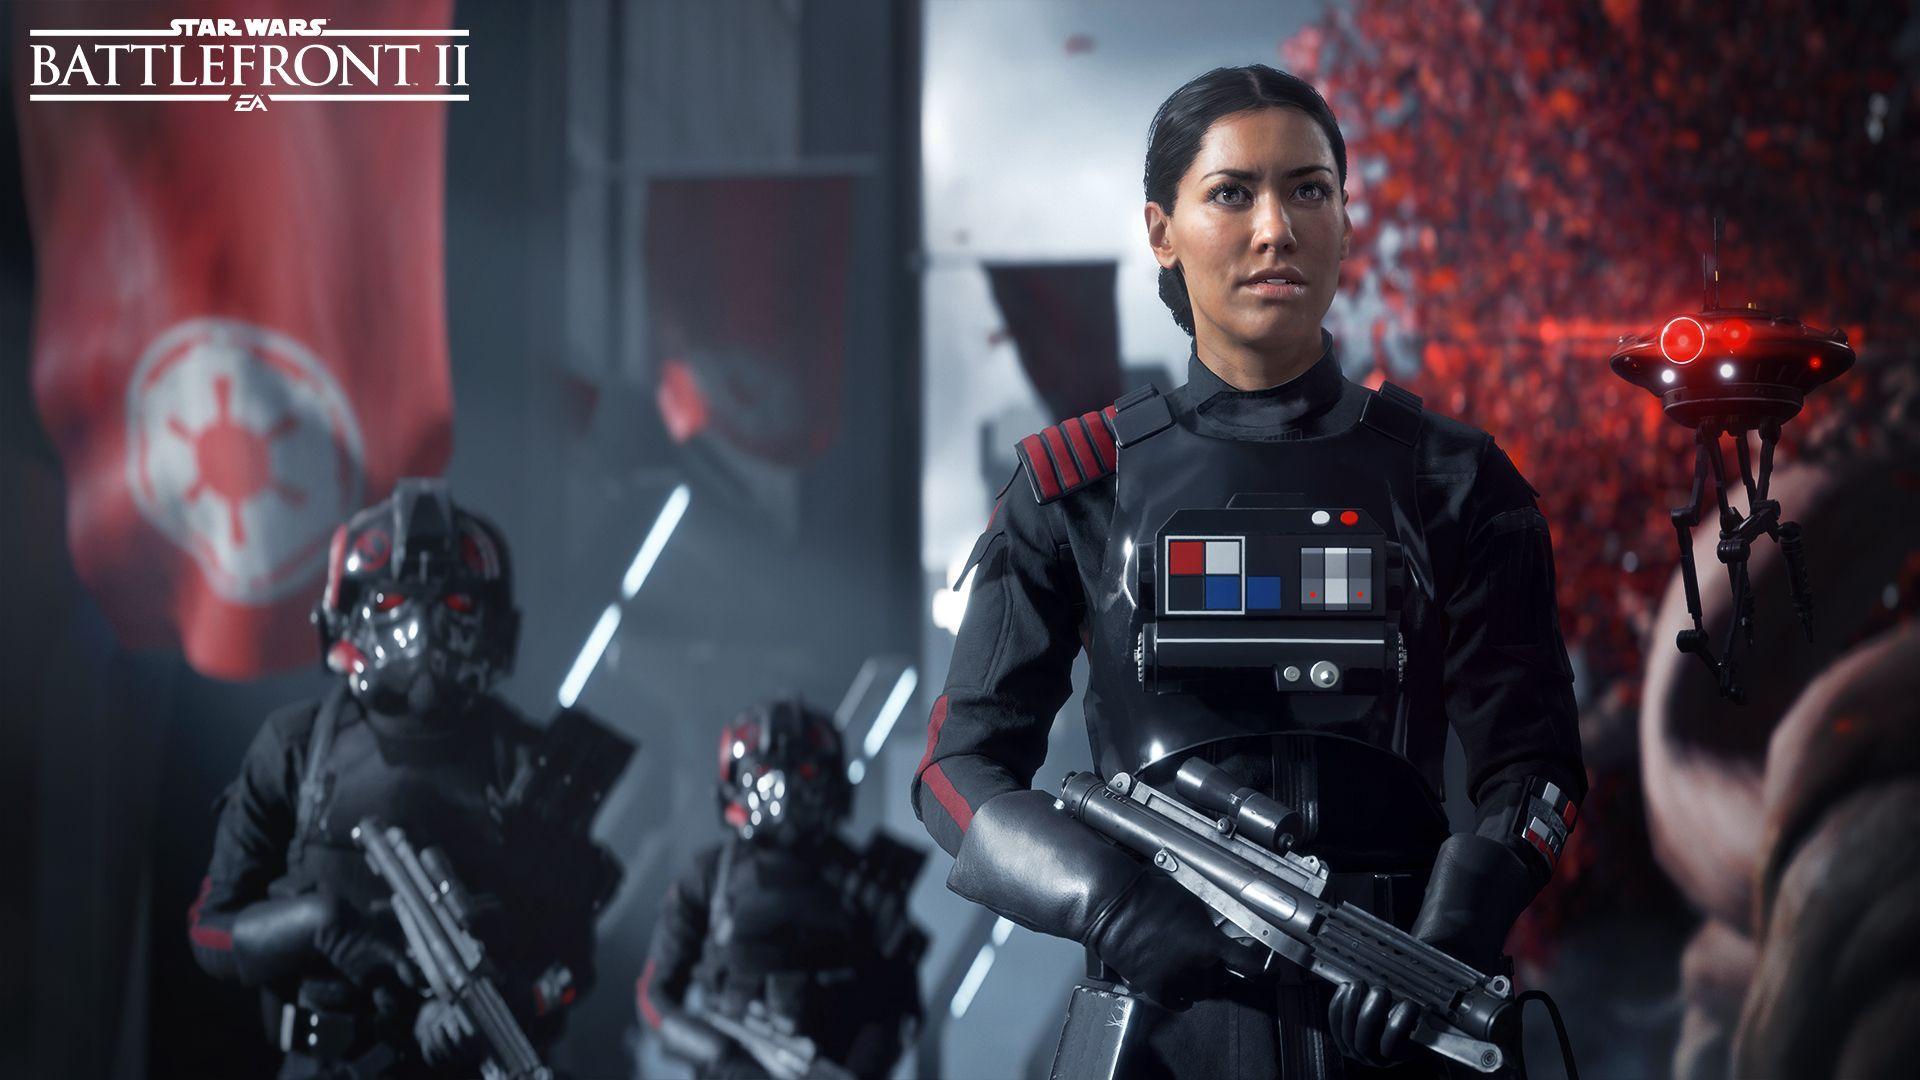 Star Wars Battlefront II (Xbox One) - 6